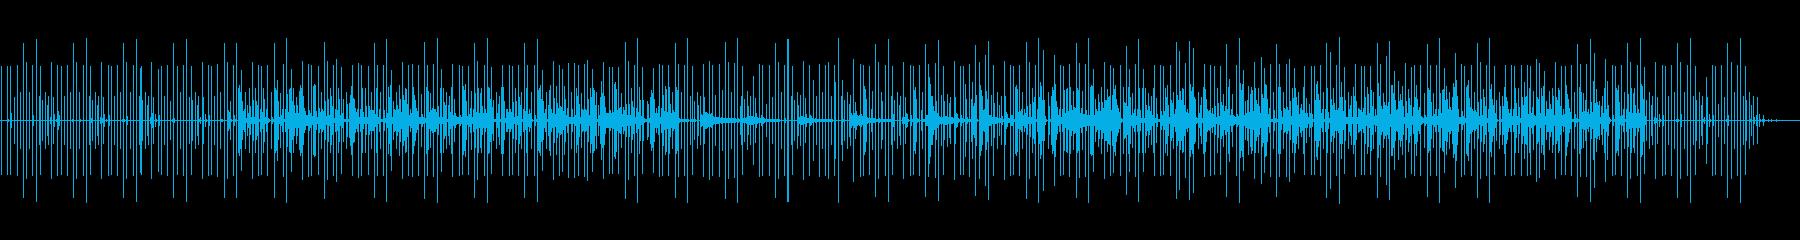 ミステリアスで緊迫感のあるミニマルテクノの再生済みの波形